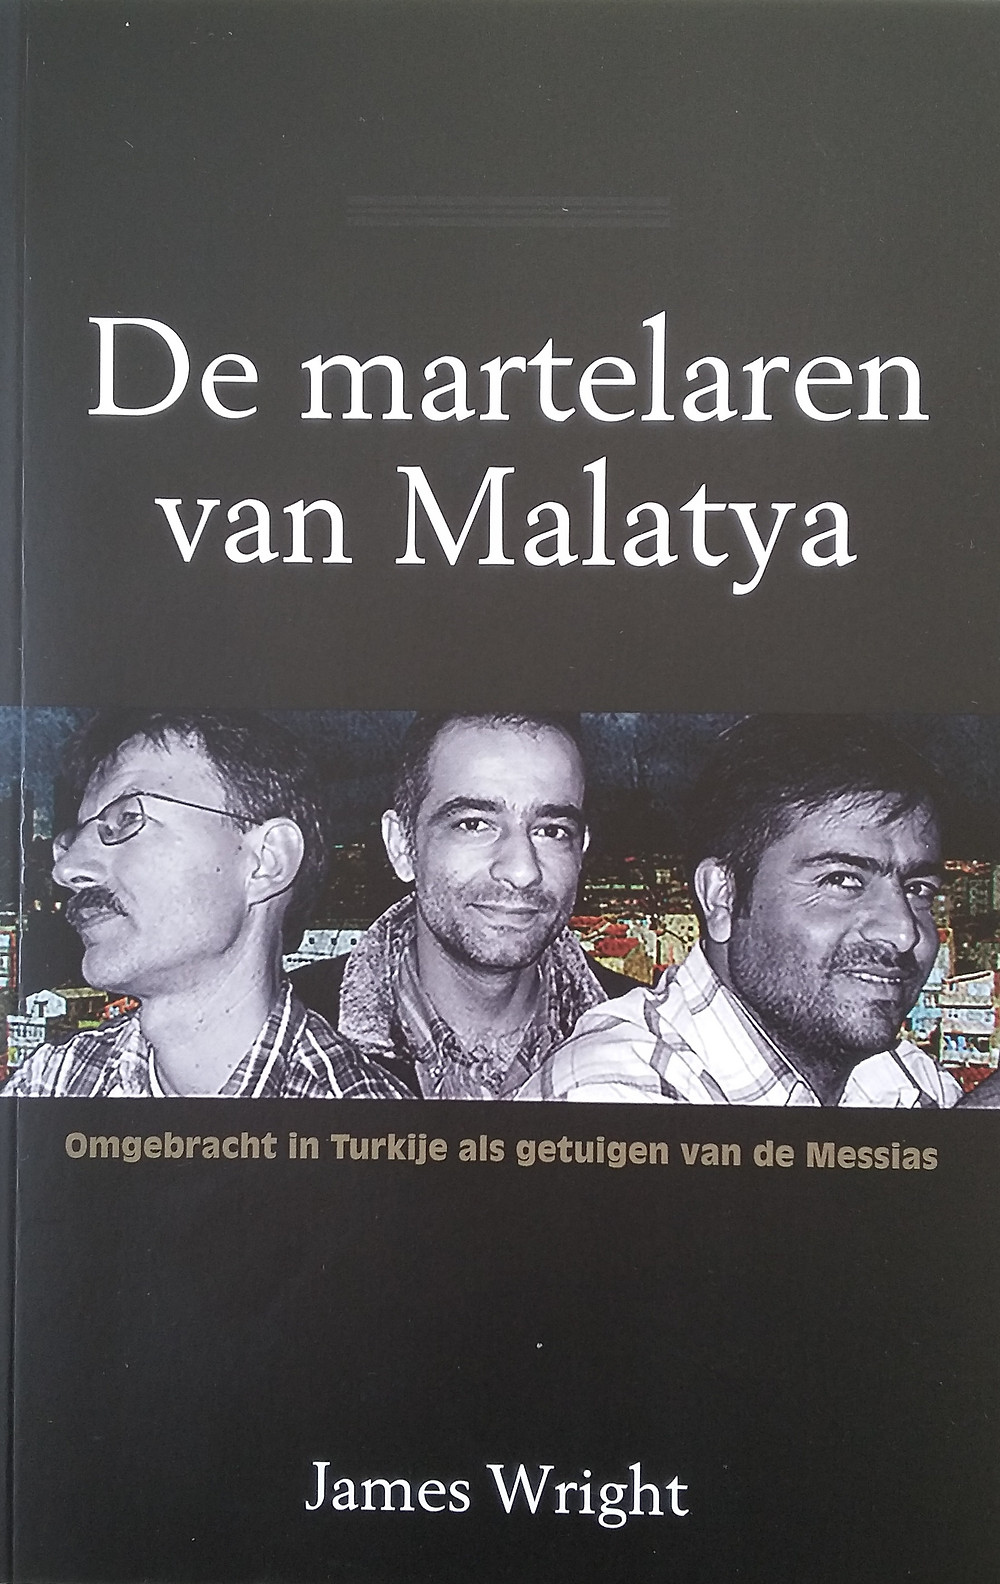 Dit boek beschrijft de geschiedenis van drie christenen die in 2007 werden omgebracht vanwege hun geloof.